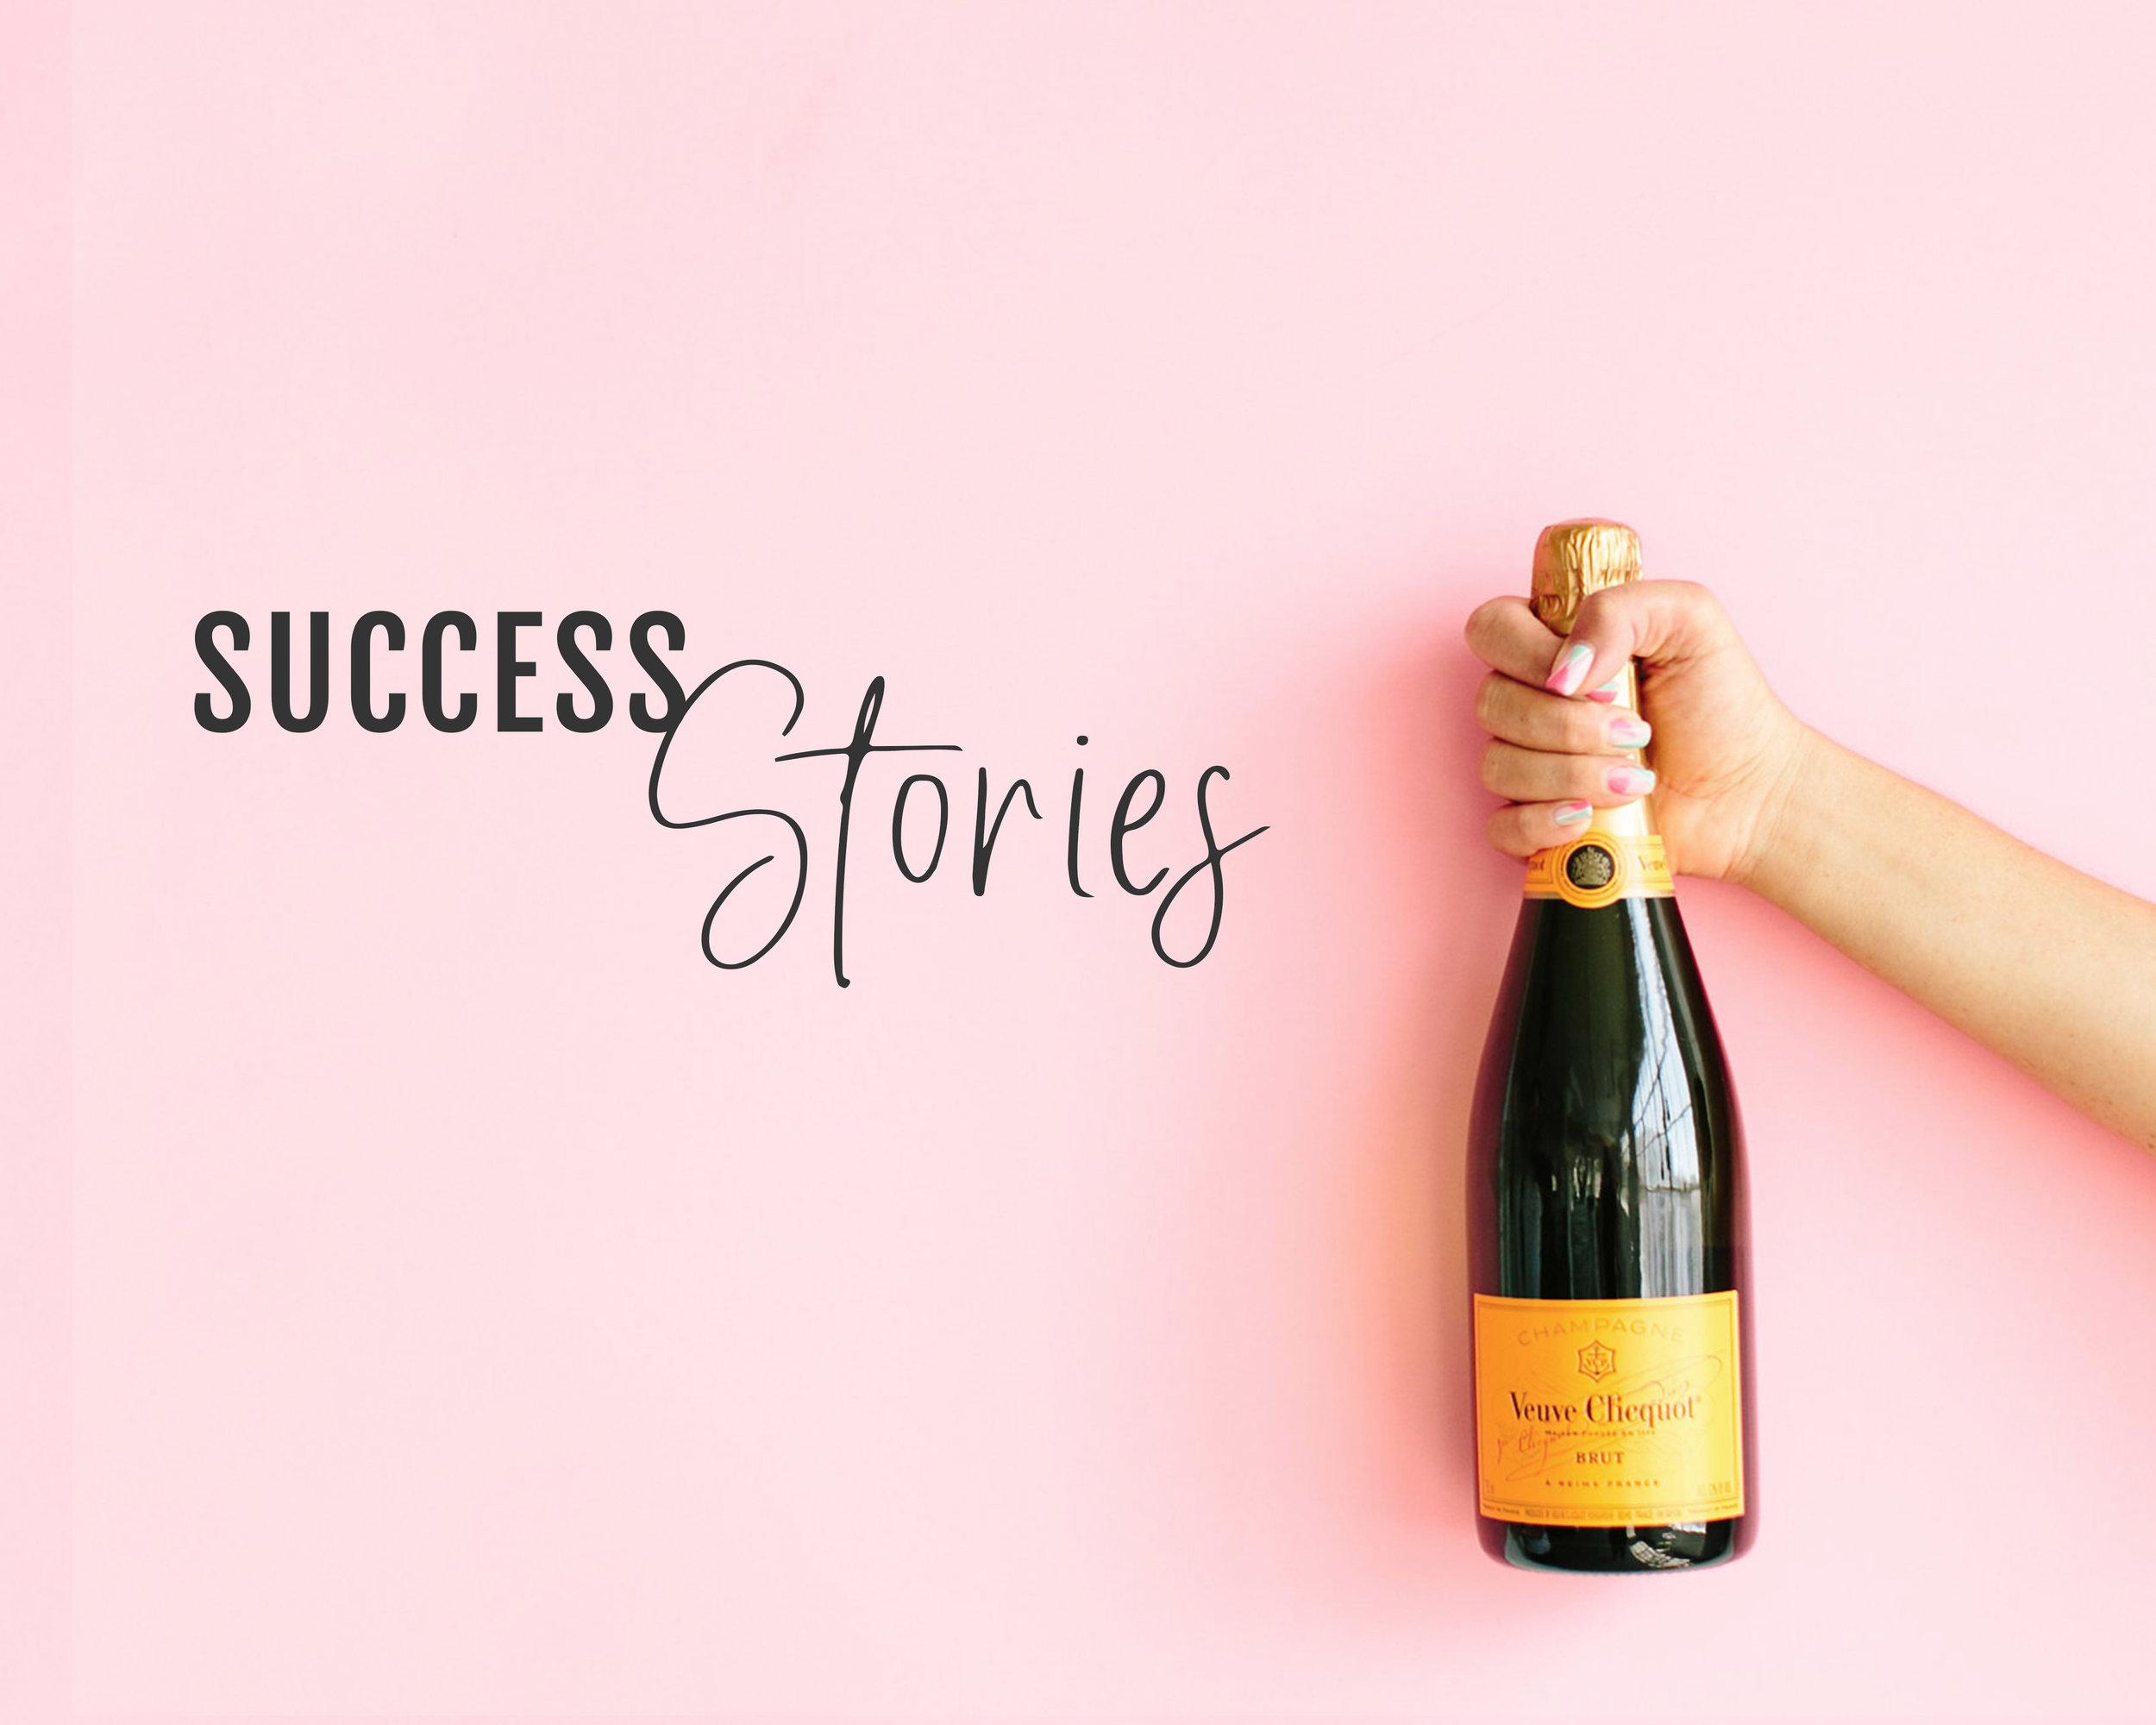 successstories.jpg